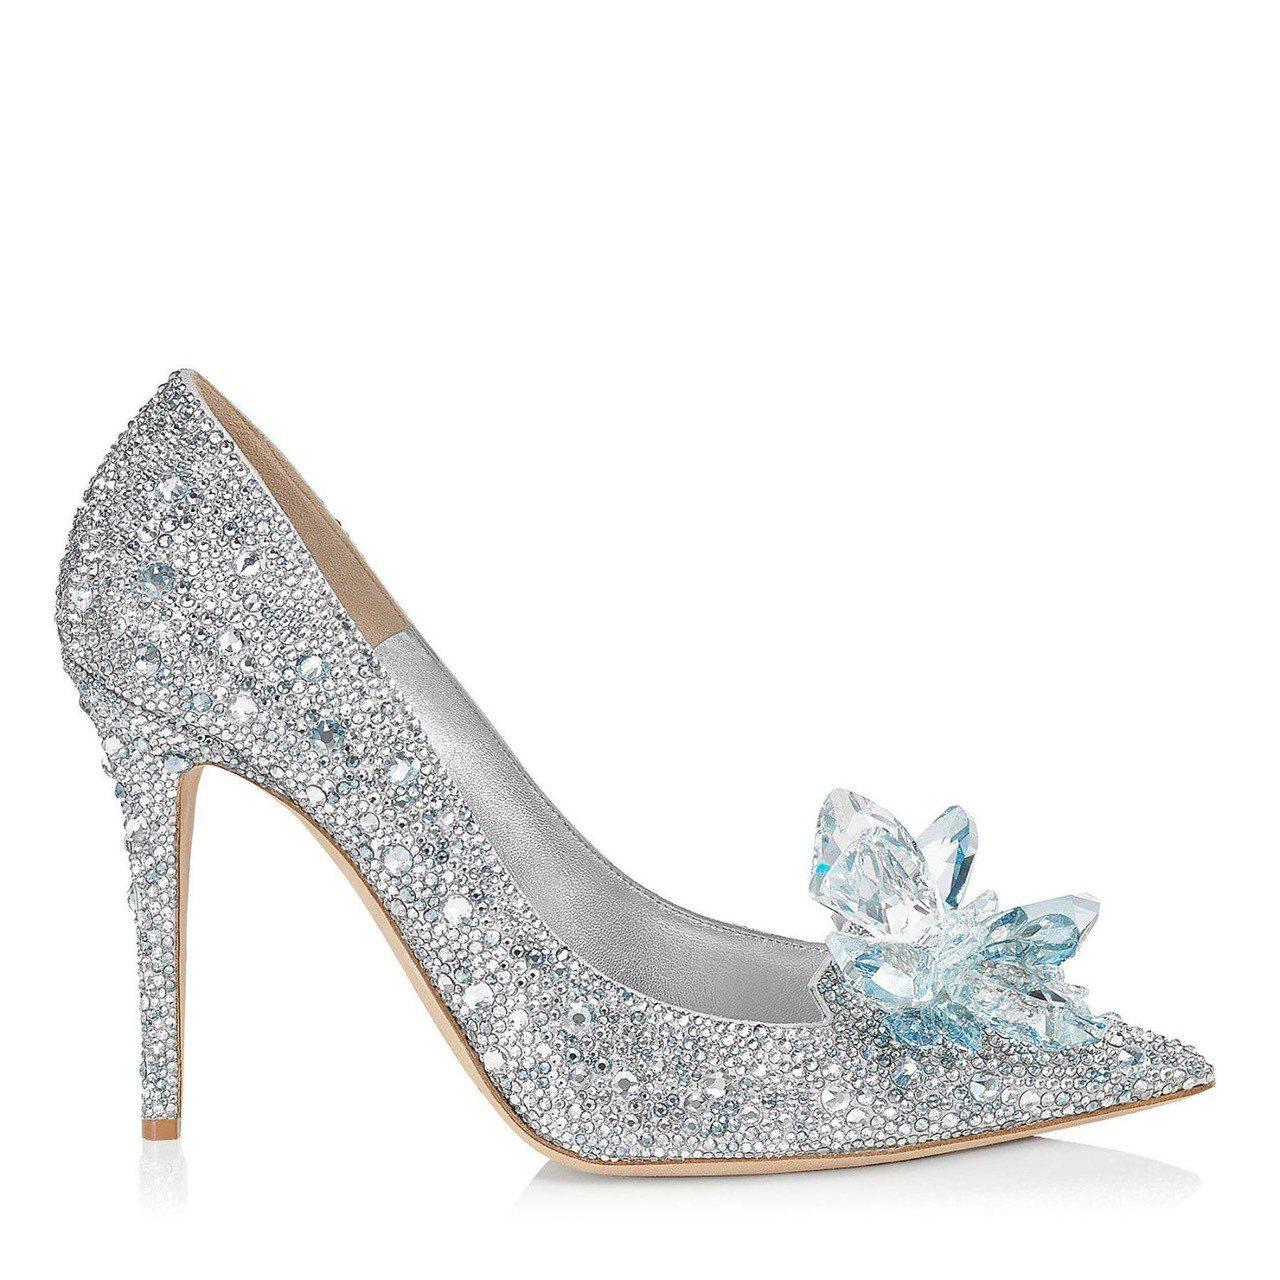 Jimmy Choo Cinderella系列灰姑娘玻璃高跟鞋,約15萬7,80...